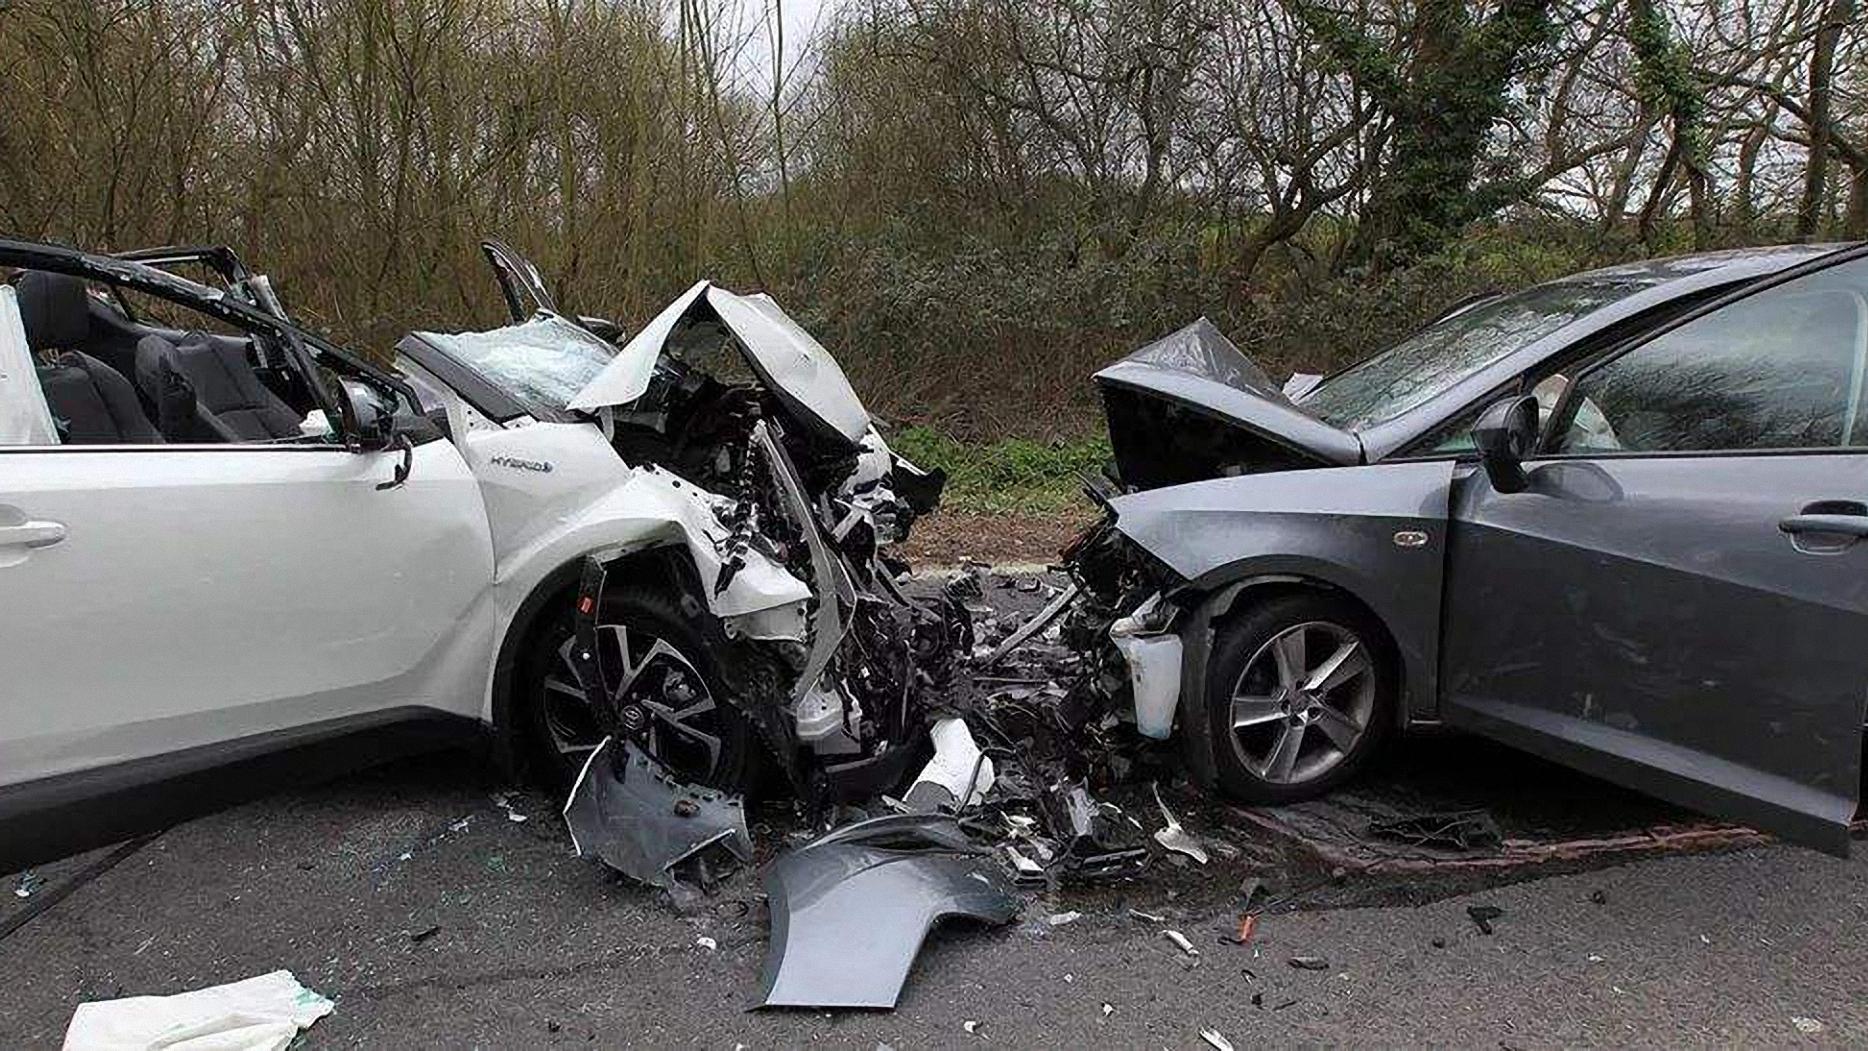 中国交通事故合集:凭着超强预判和风骚的走位,老司机躲过六连撞|20201016